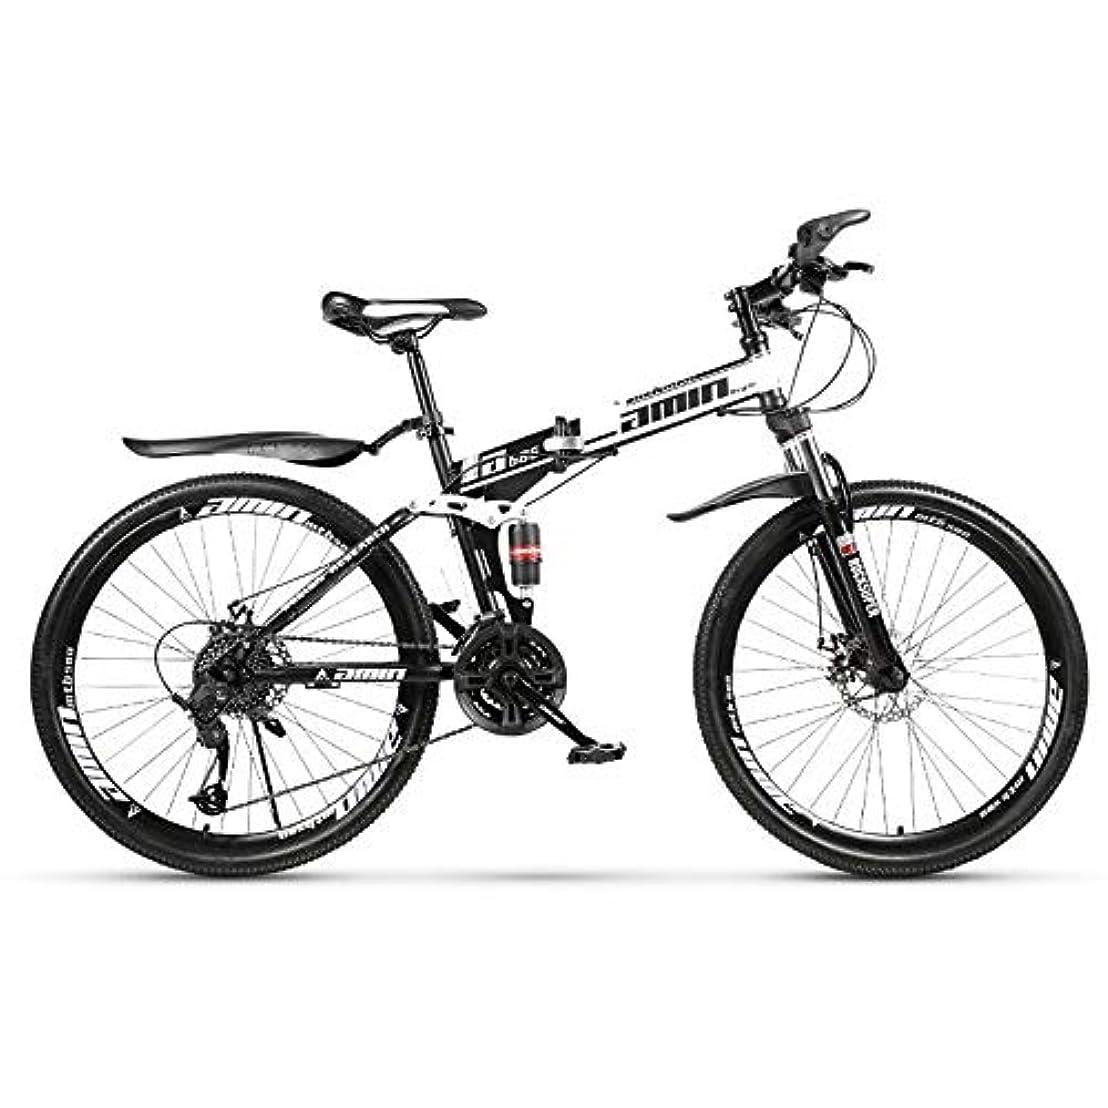 解釈する試用聴衆マウンテンバイク、折りたたみバイク26 ''フルサスペンション、MTBバイクカーボンスチールロードバイクBicycletteマウンテンバイク21スピード